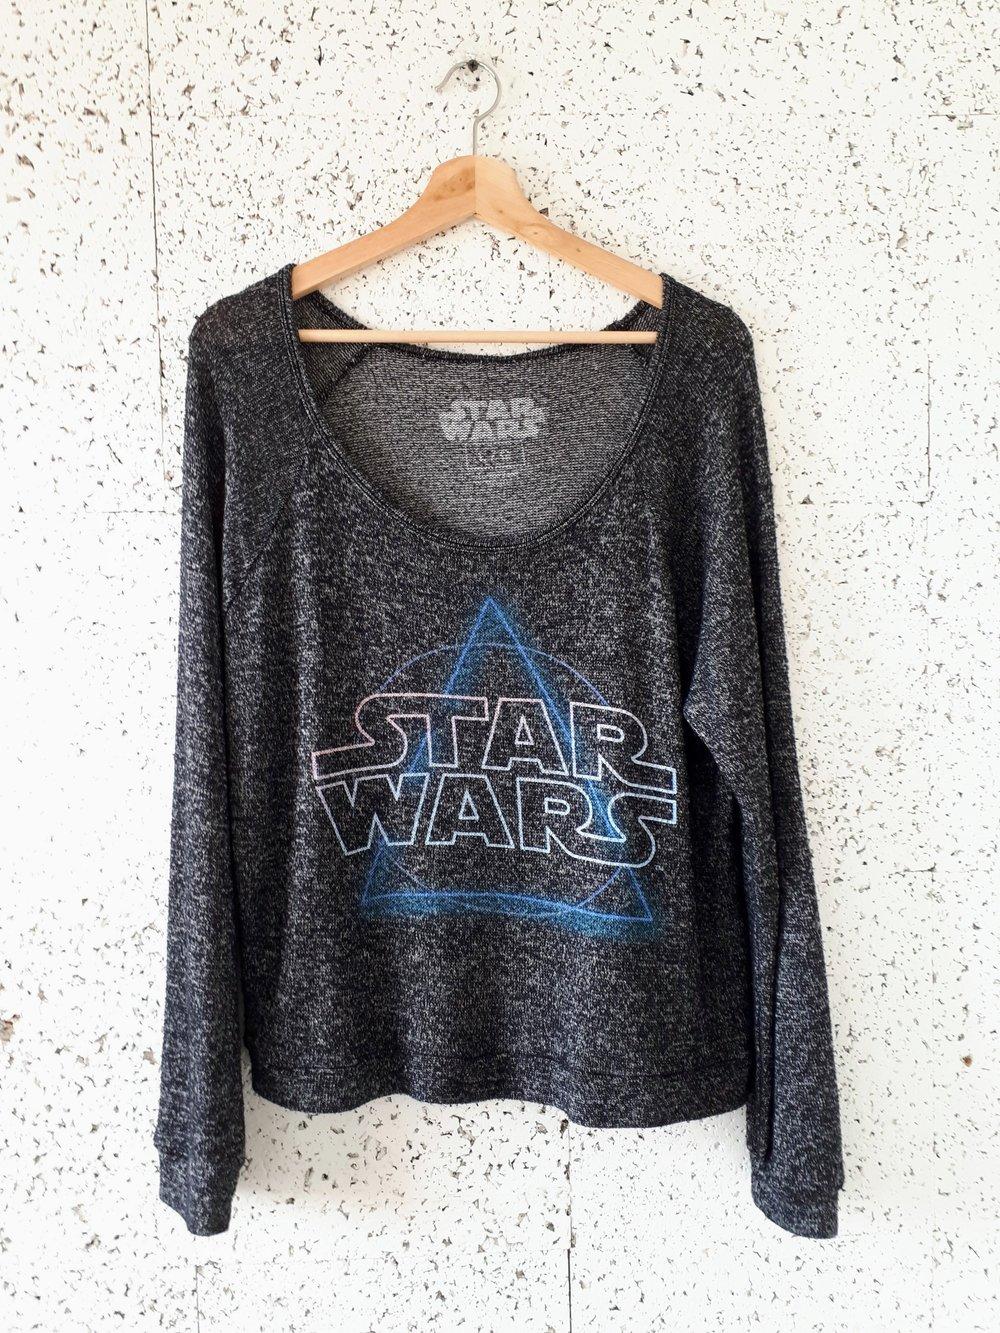 Star Wars top; Size L, $26